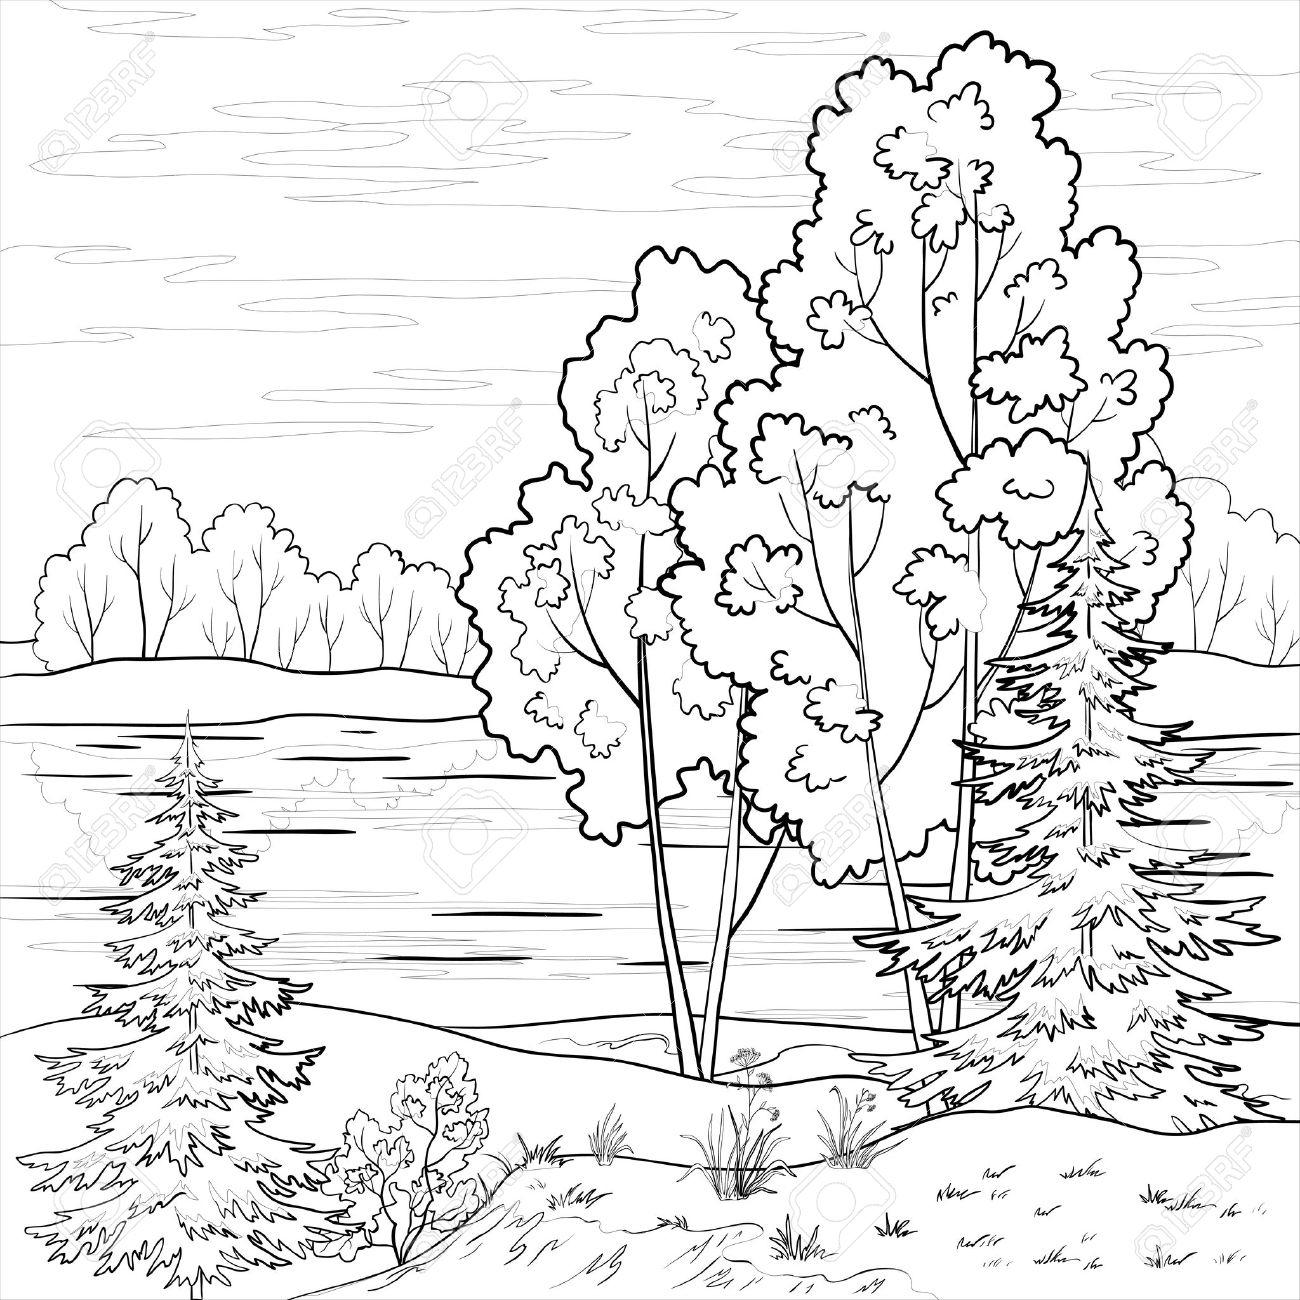 1300x1300 Contour Line Landscape Drawing Vector, Landscape Forest, River